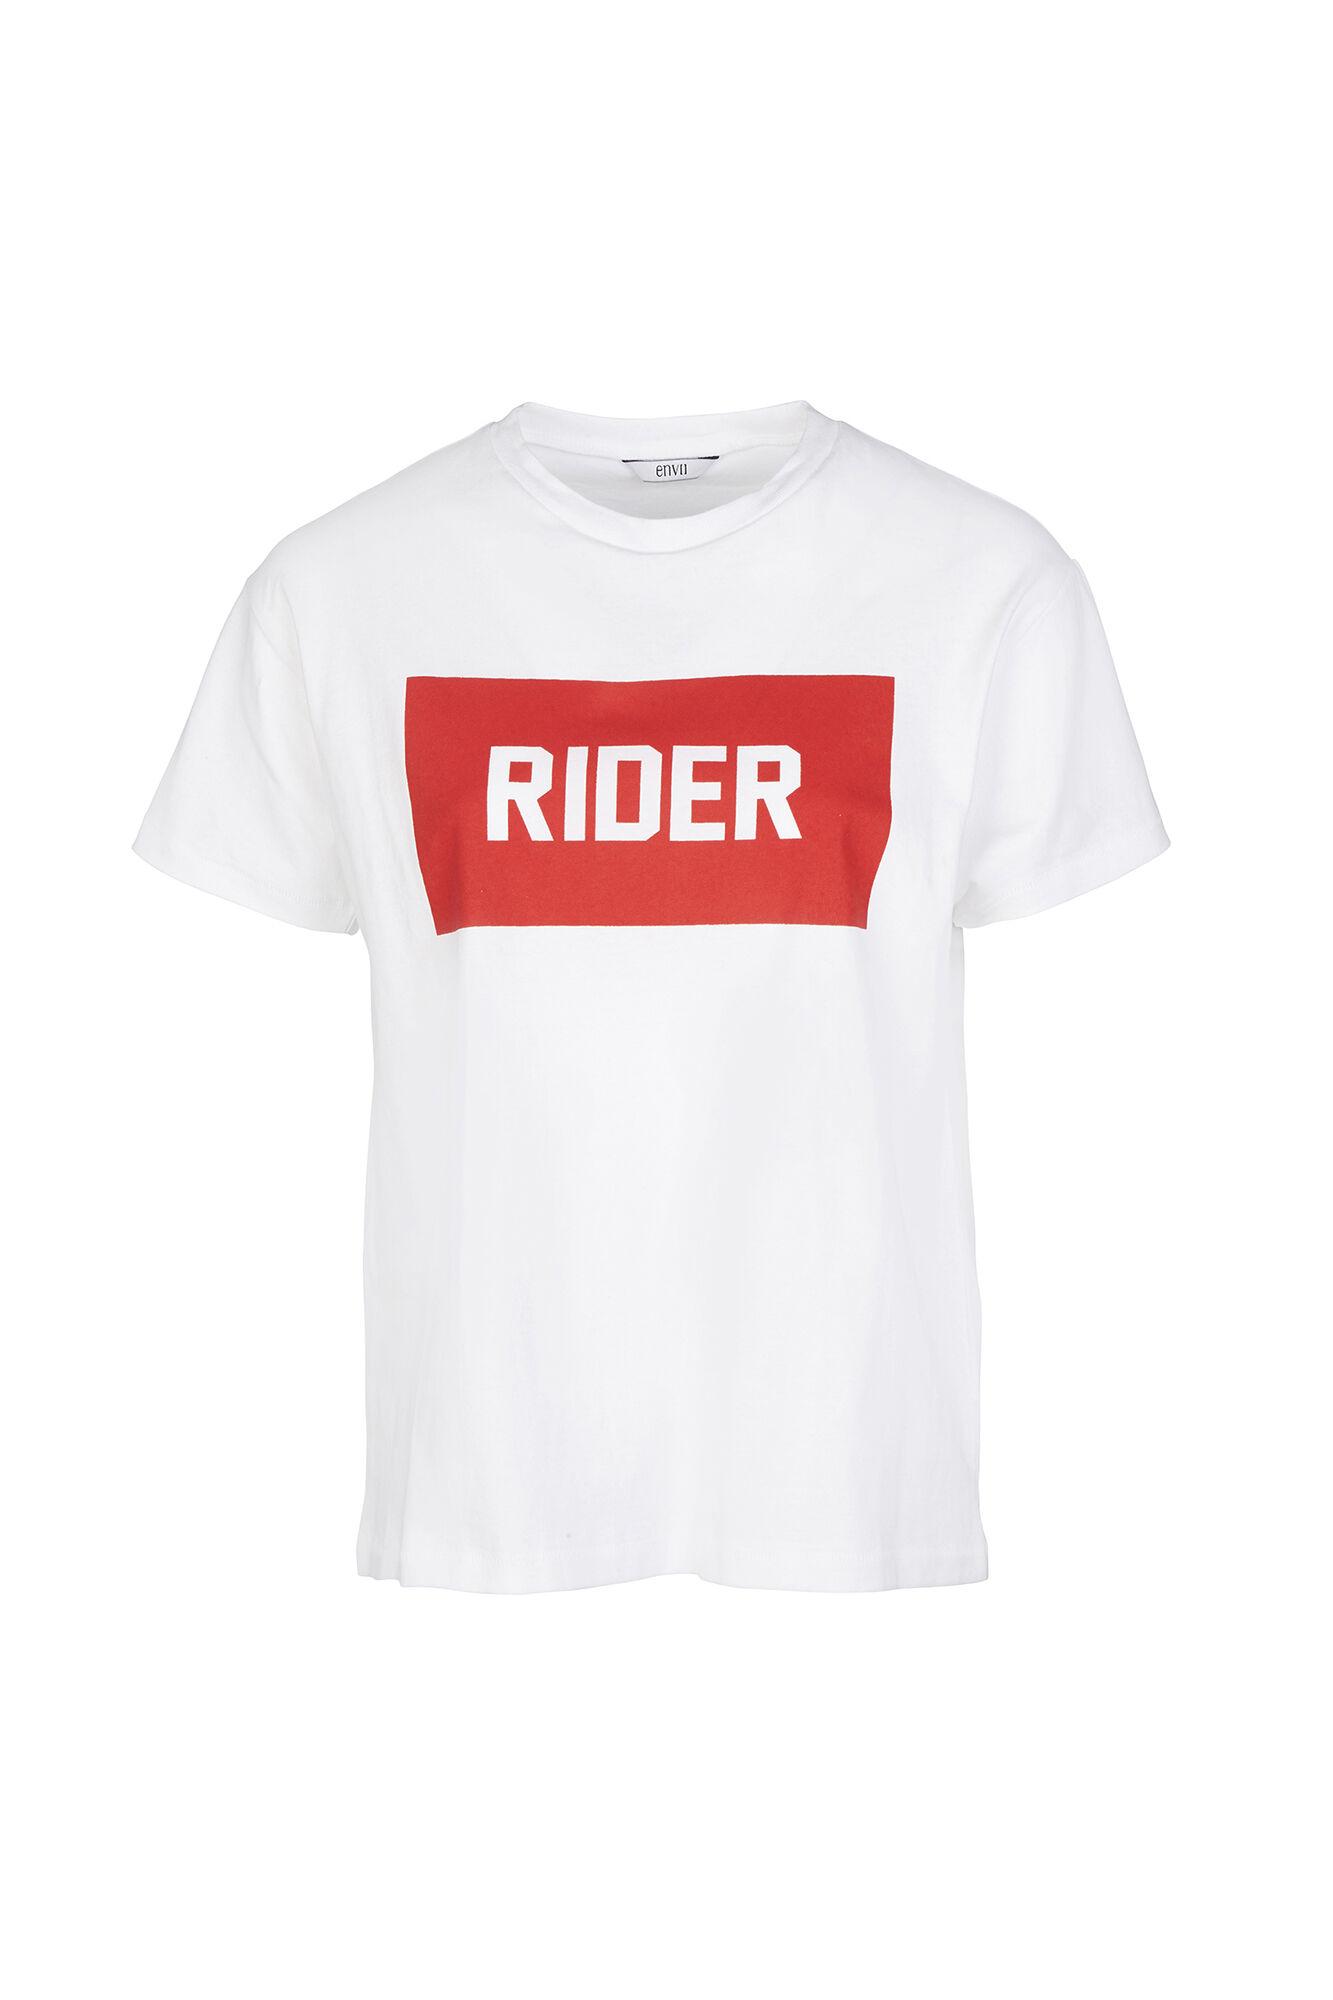 MOTO SS TEE RIDER 5901, WHITE